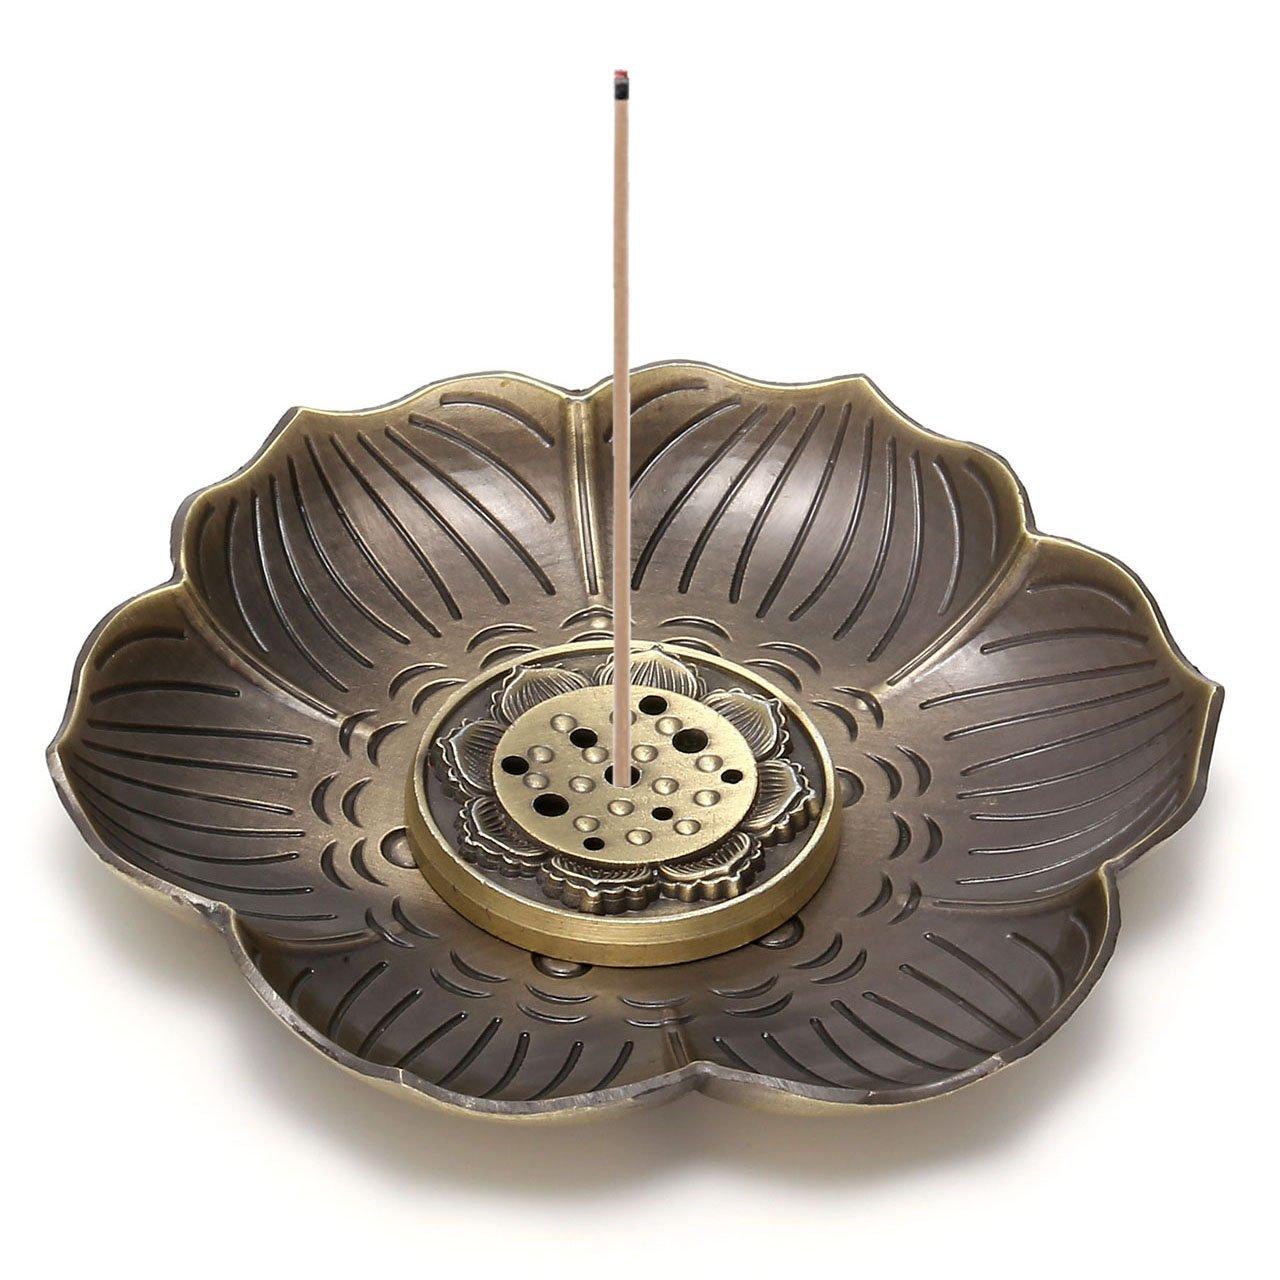 CrystalTears Vintage Brass Incense Burner Holder,Lotus Stick Incense Burner, Backflow Incense Burner,Ash Catcher Nine Hole Type Design (Bronze)